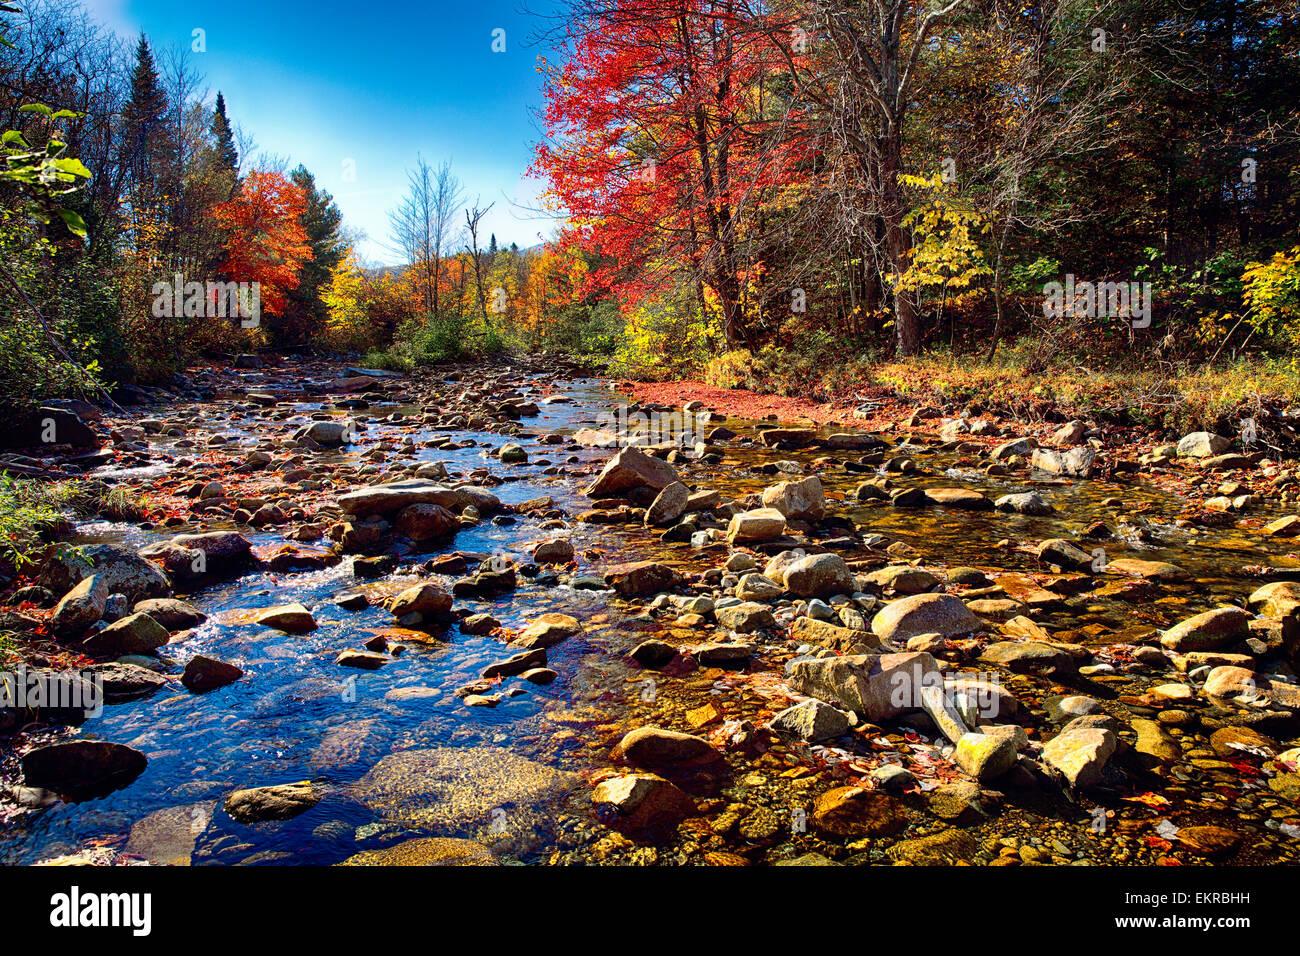 Ángulo de visión baja de un lecho rocoso con el follaje de otoño, Franconia, New Hampshire, EE.UU. Imagen De Stock